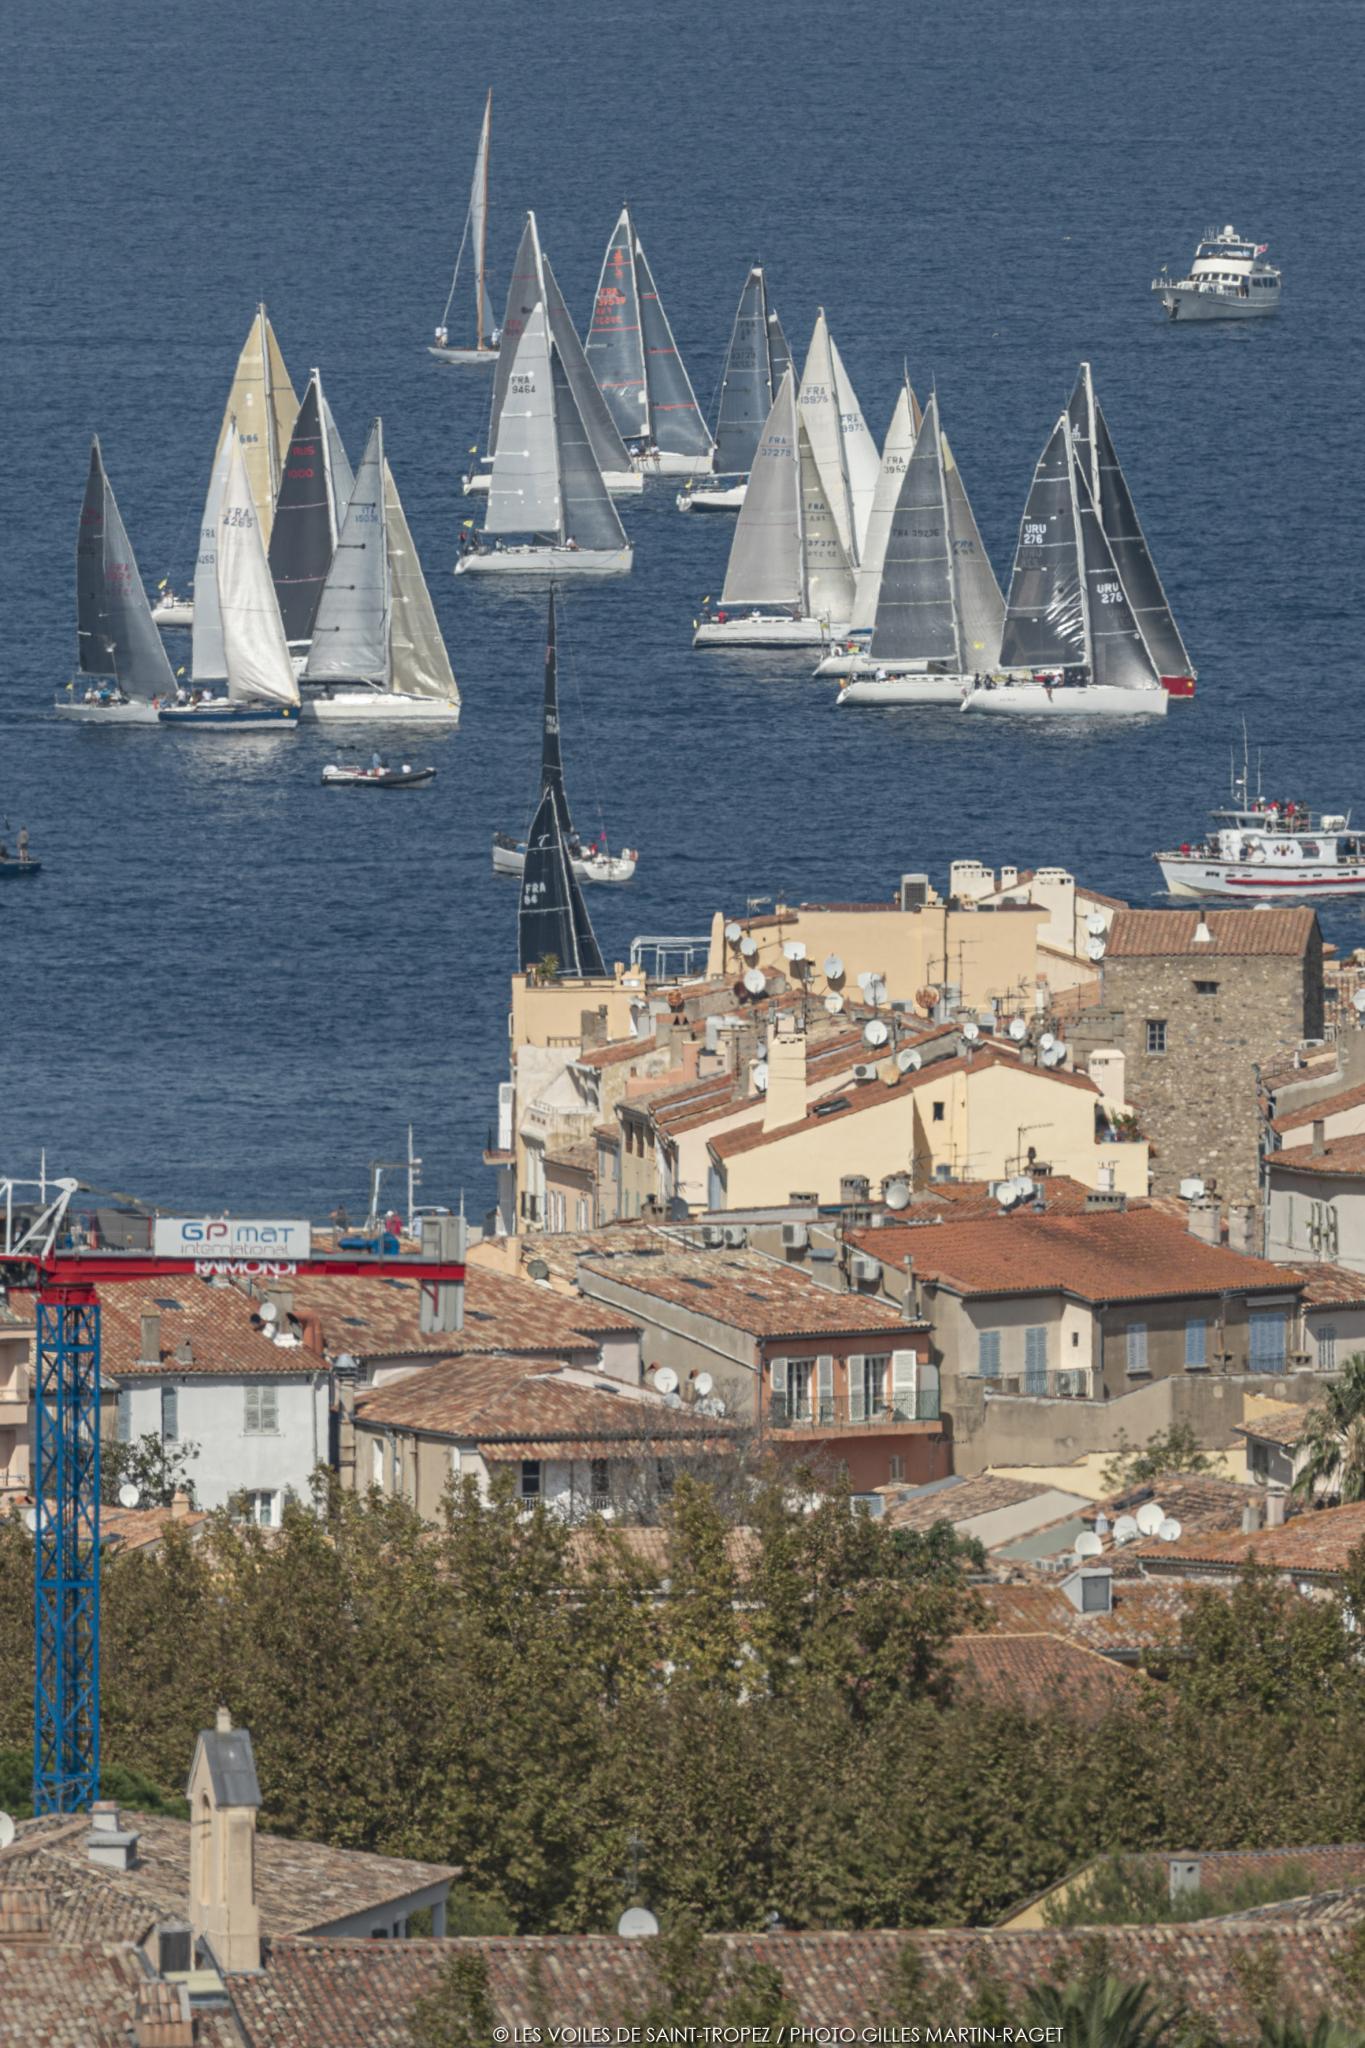 Week one of Les Voiles de Saint-Tropez